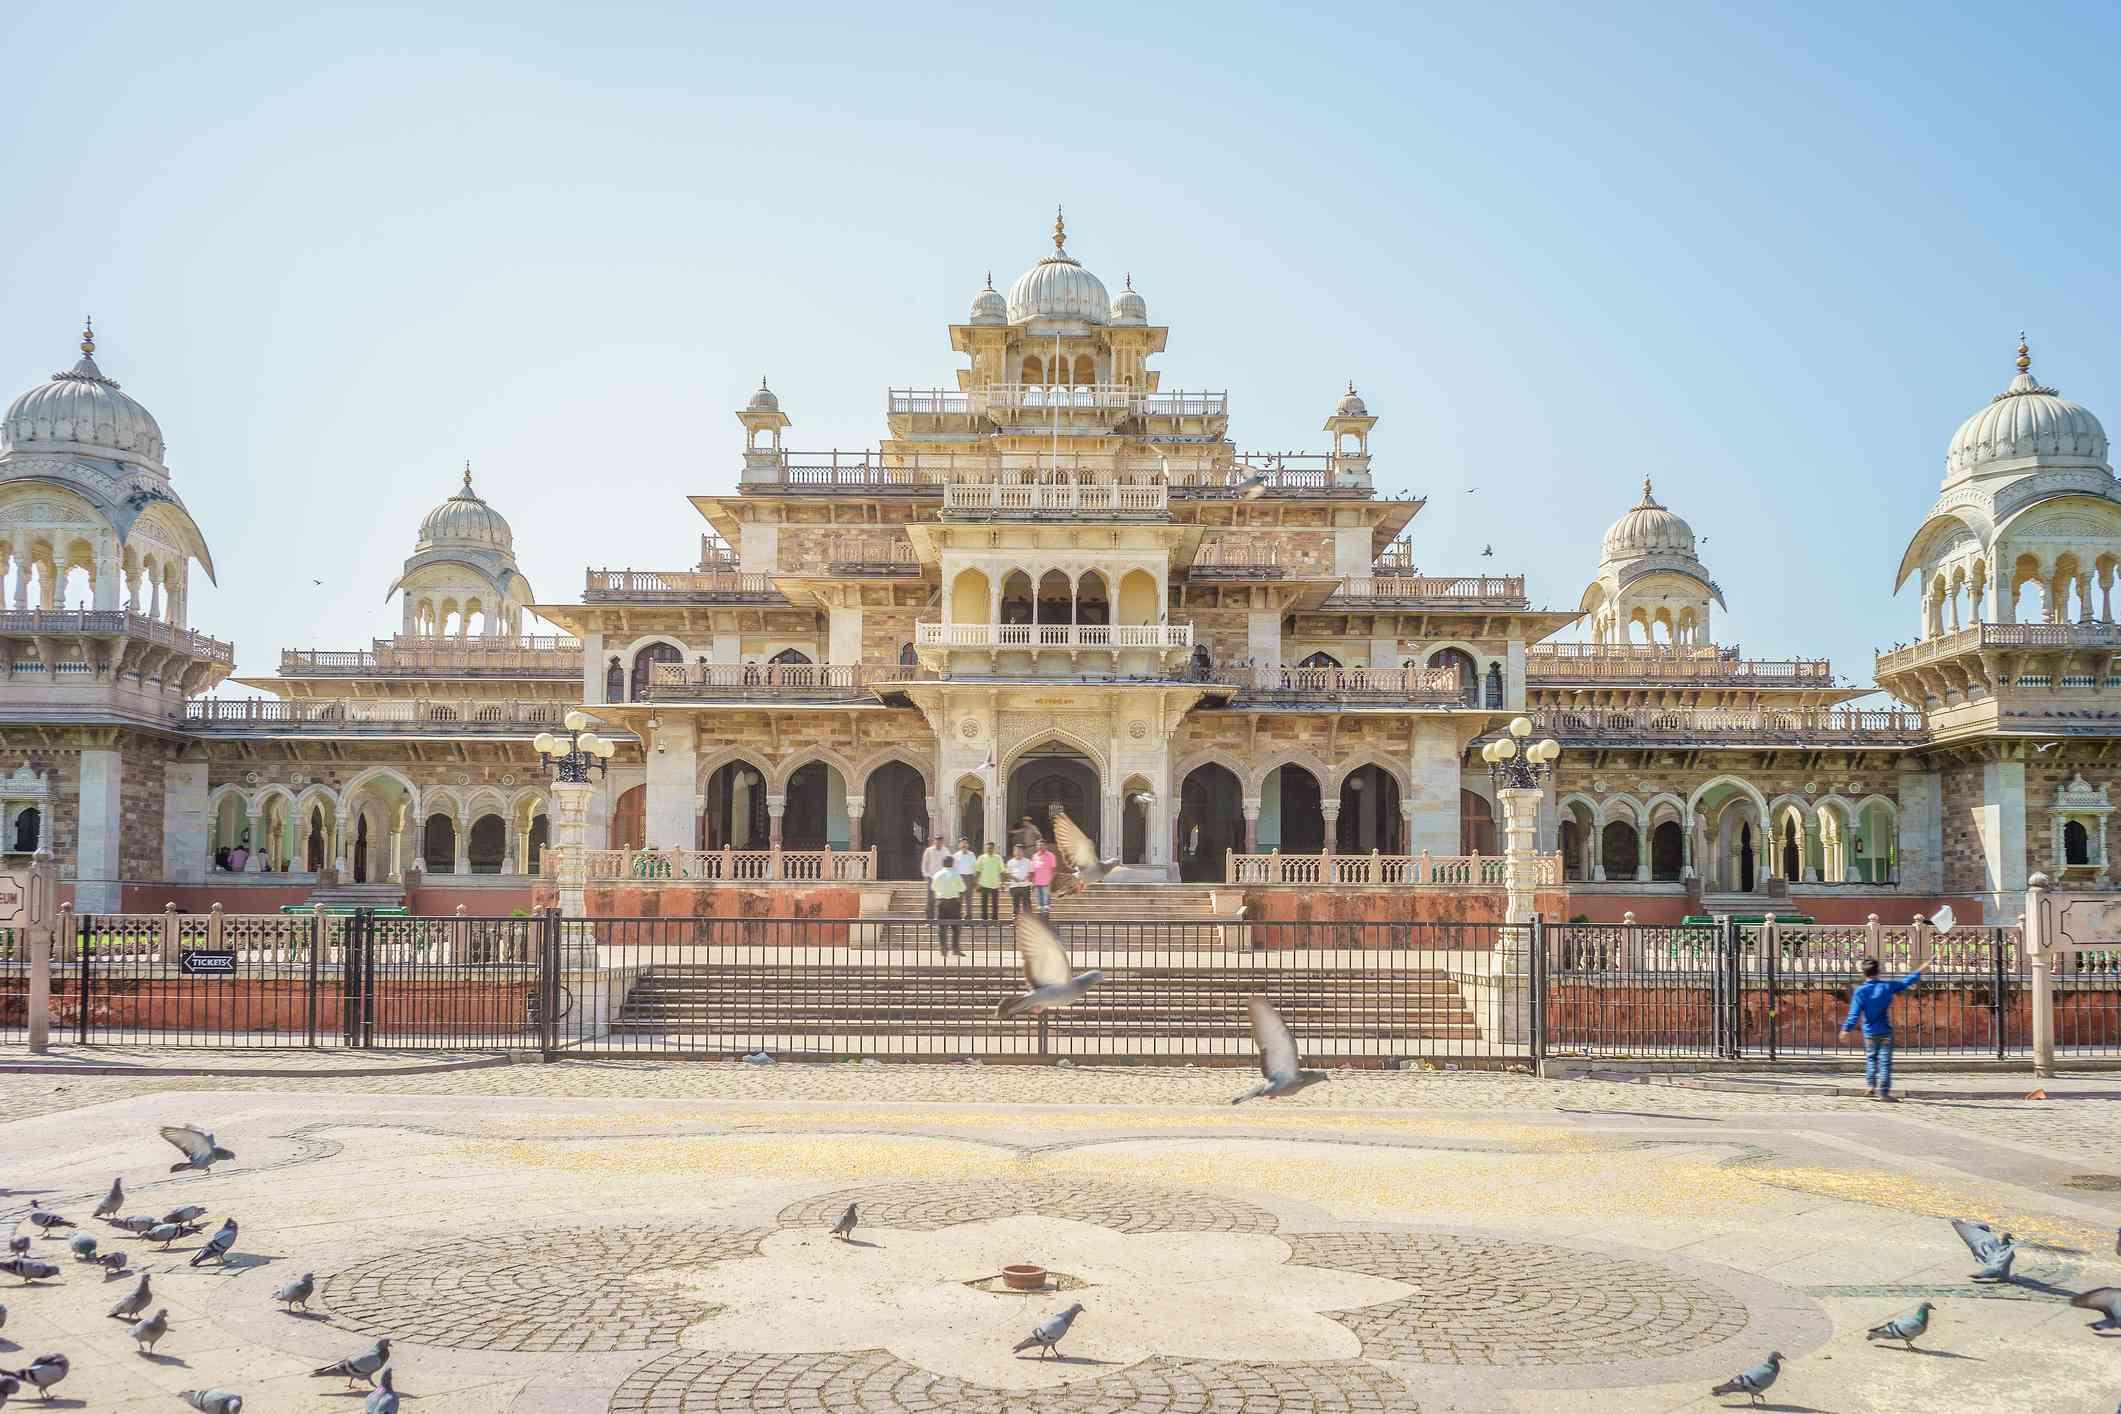 Jaipur museum.